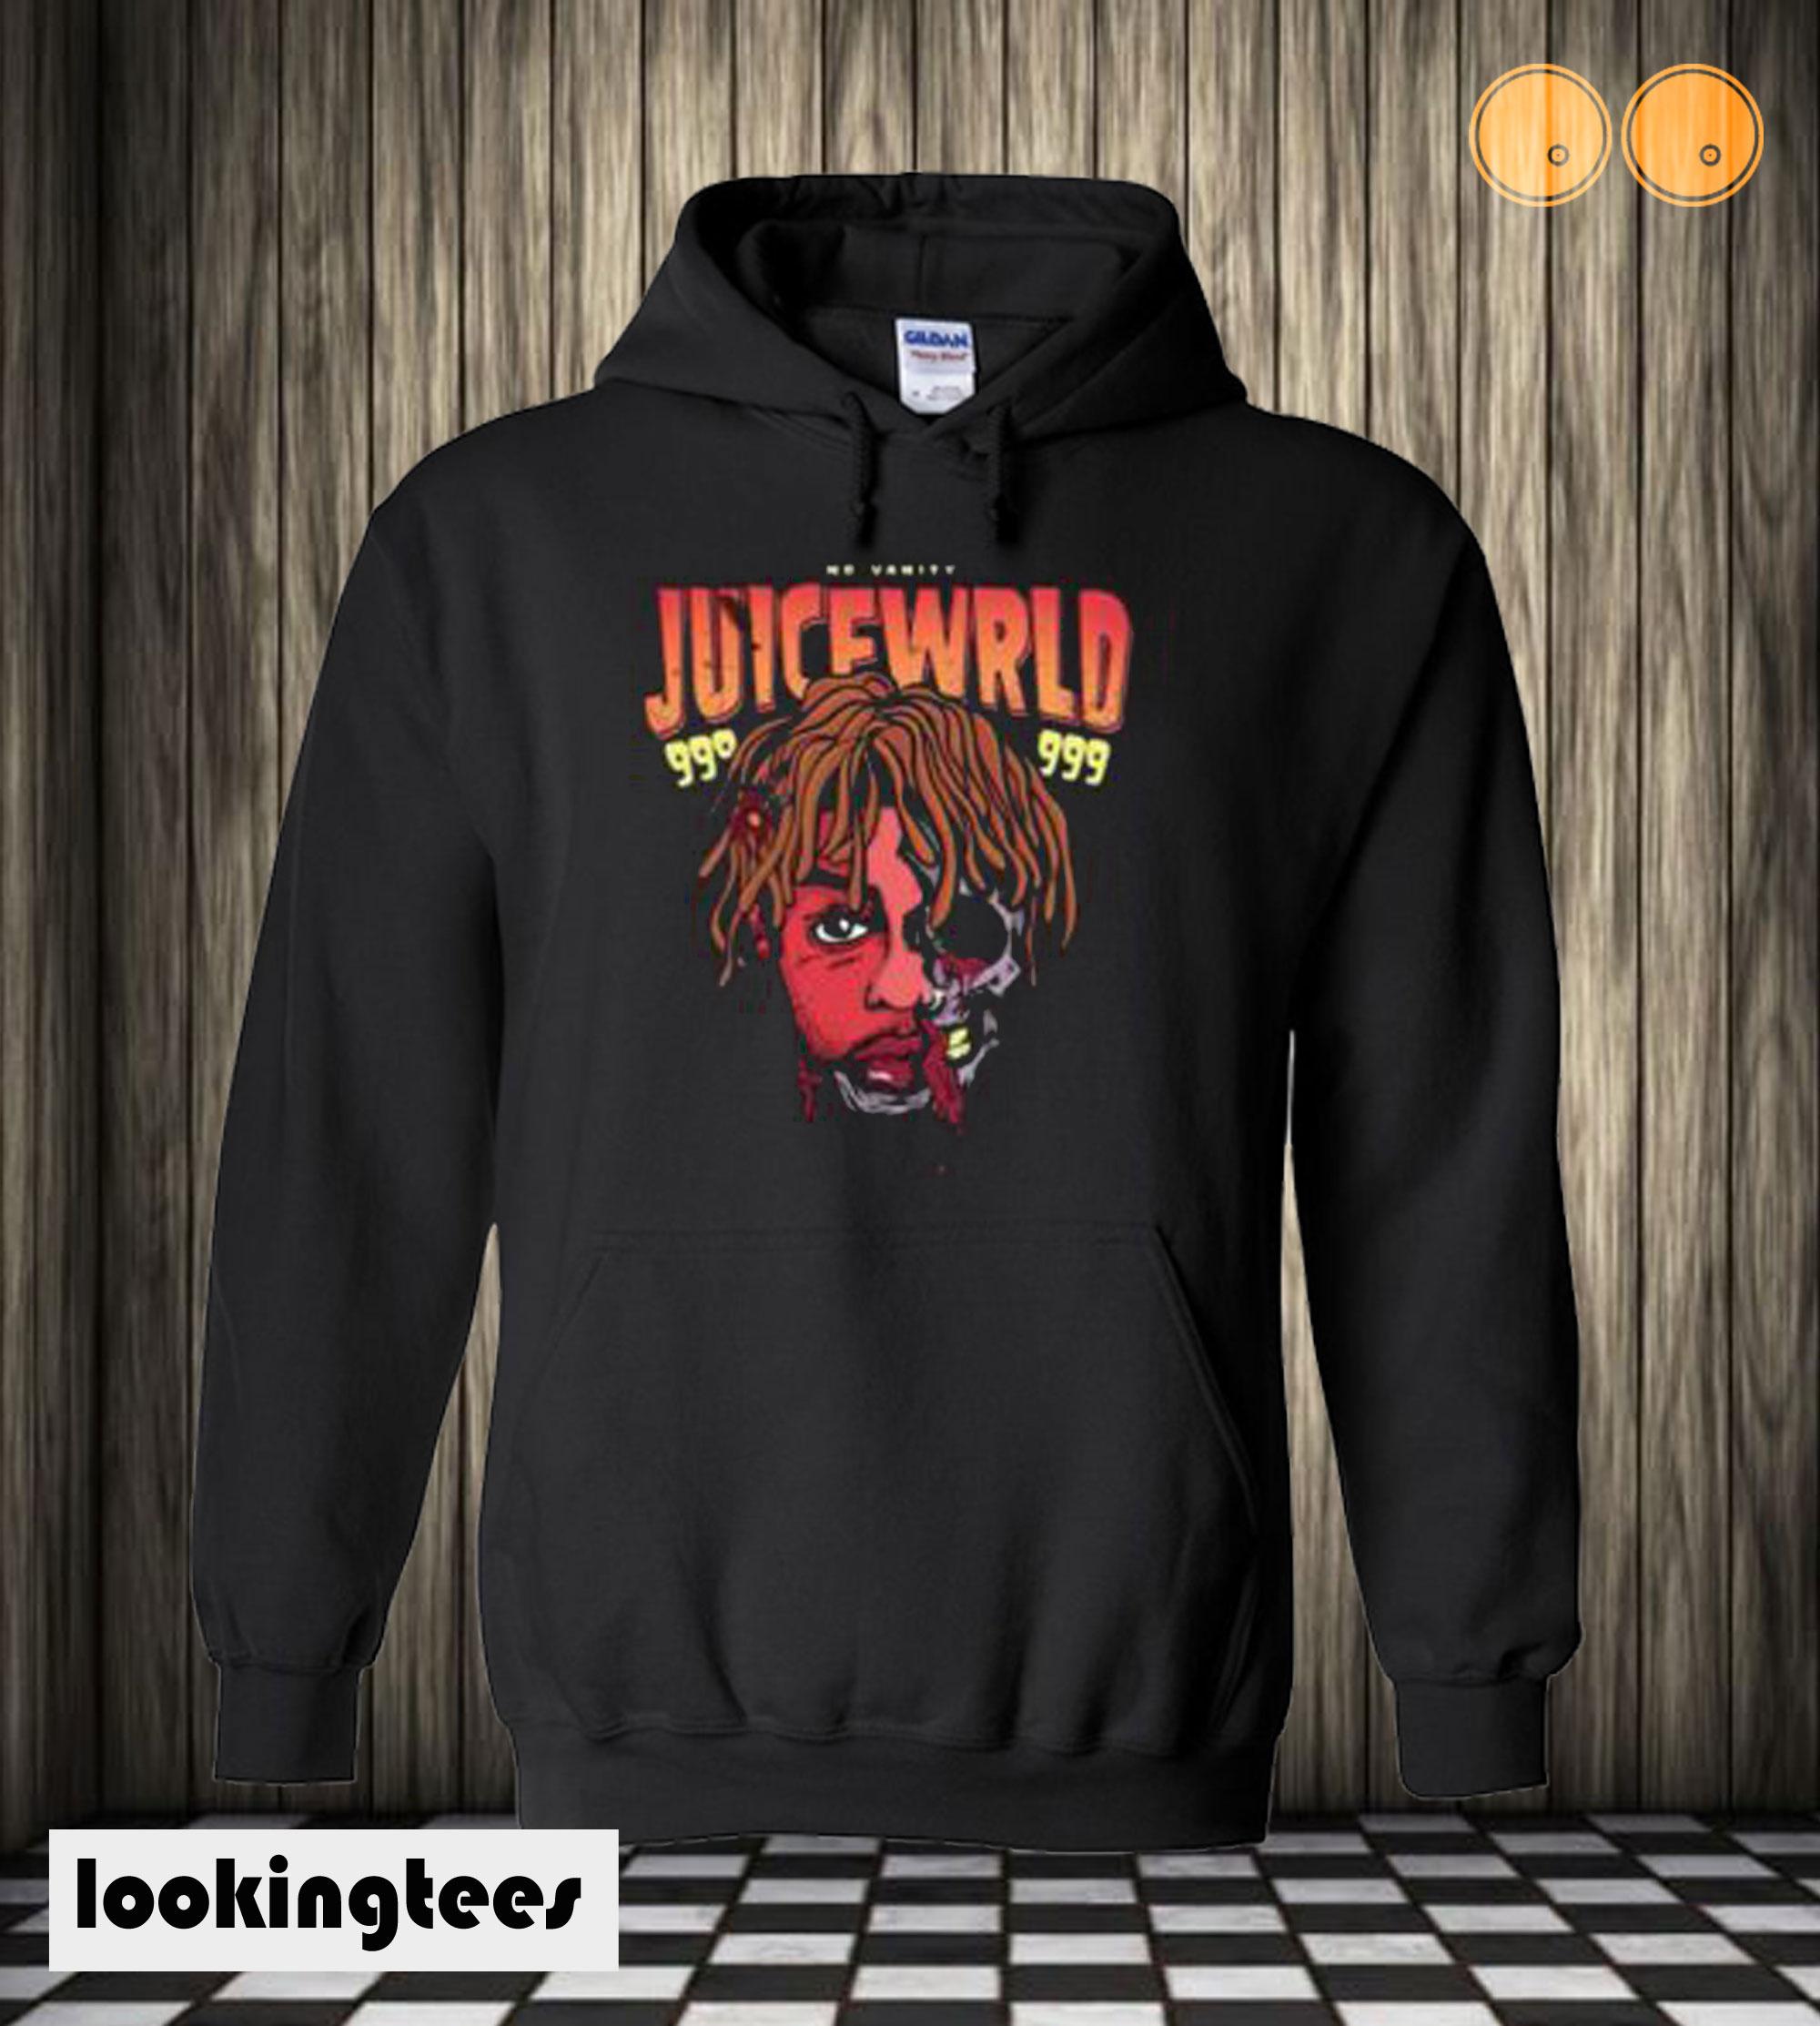 Juicewrld Juice Wrld Hoodie